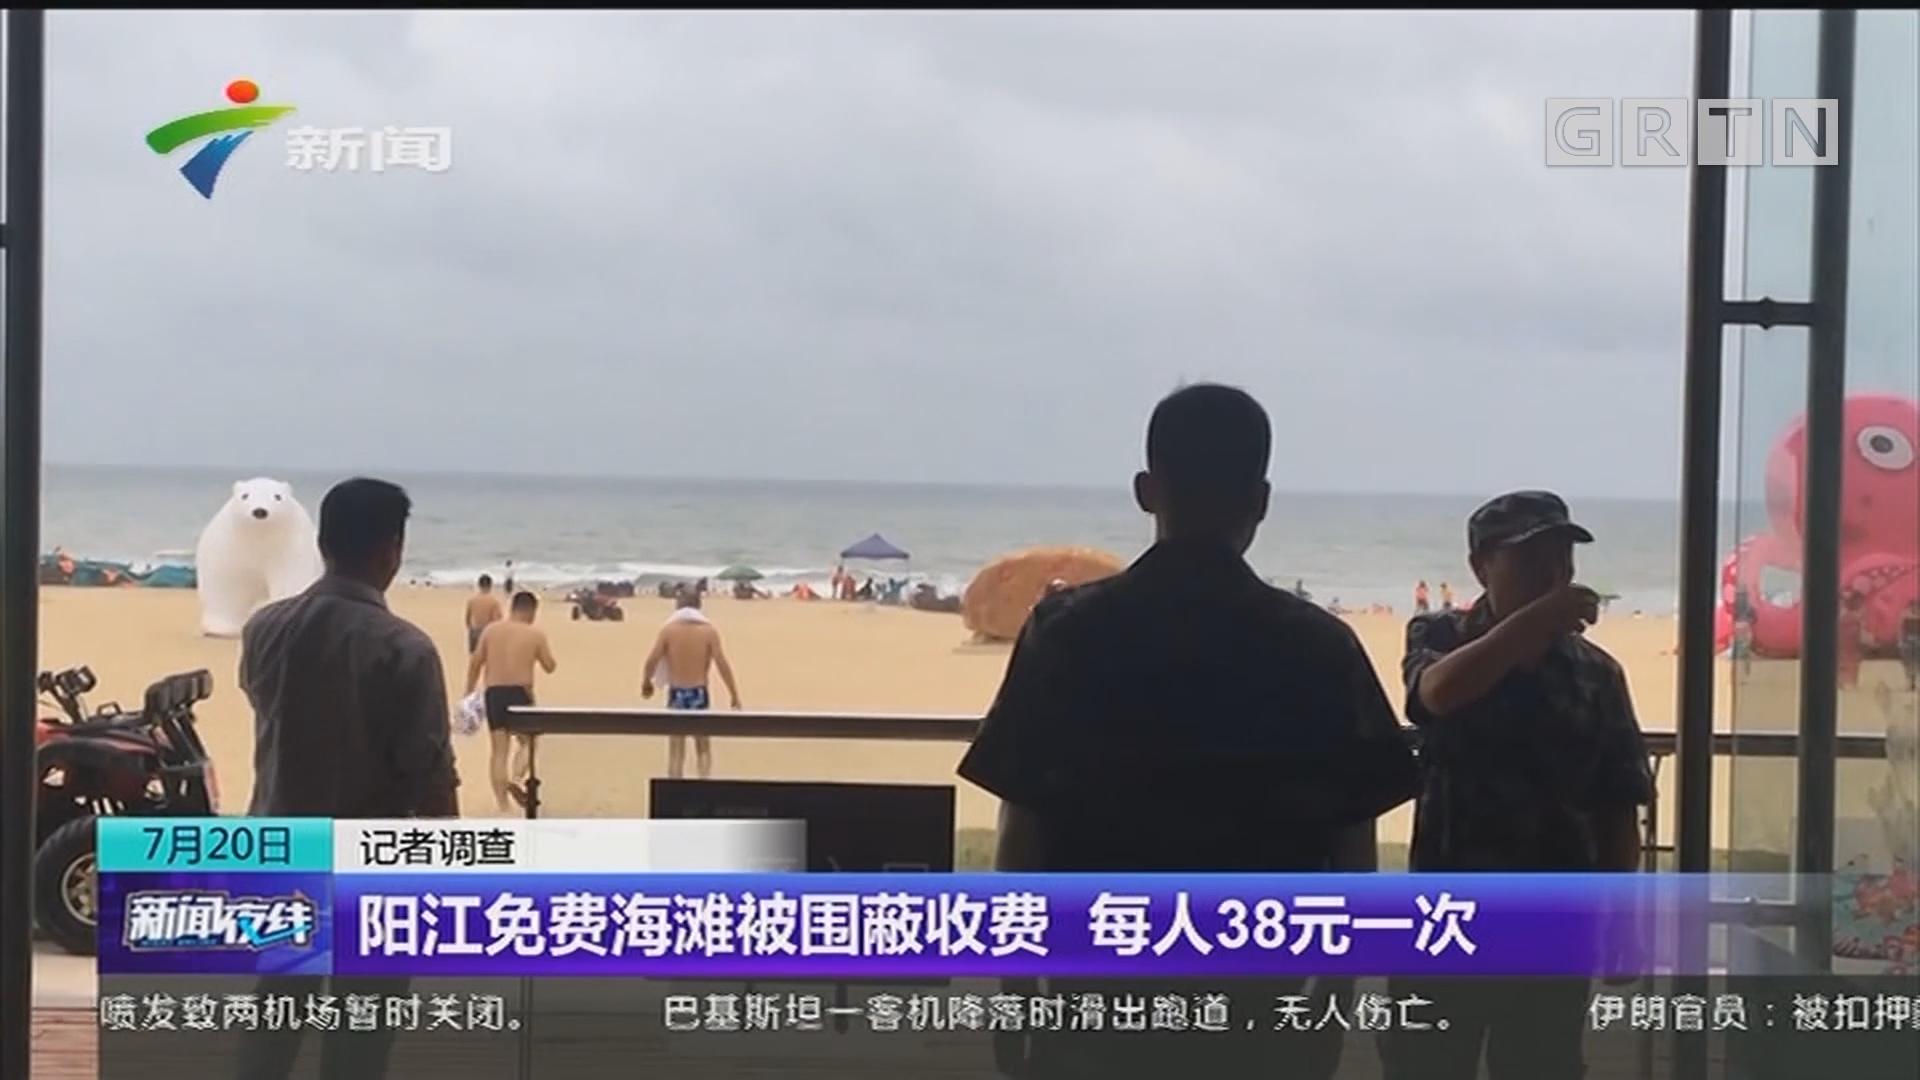 记者调查:阳江免费海滩被围蔽收费,每人38元一次